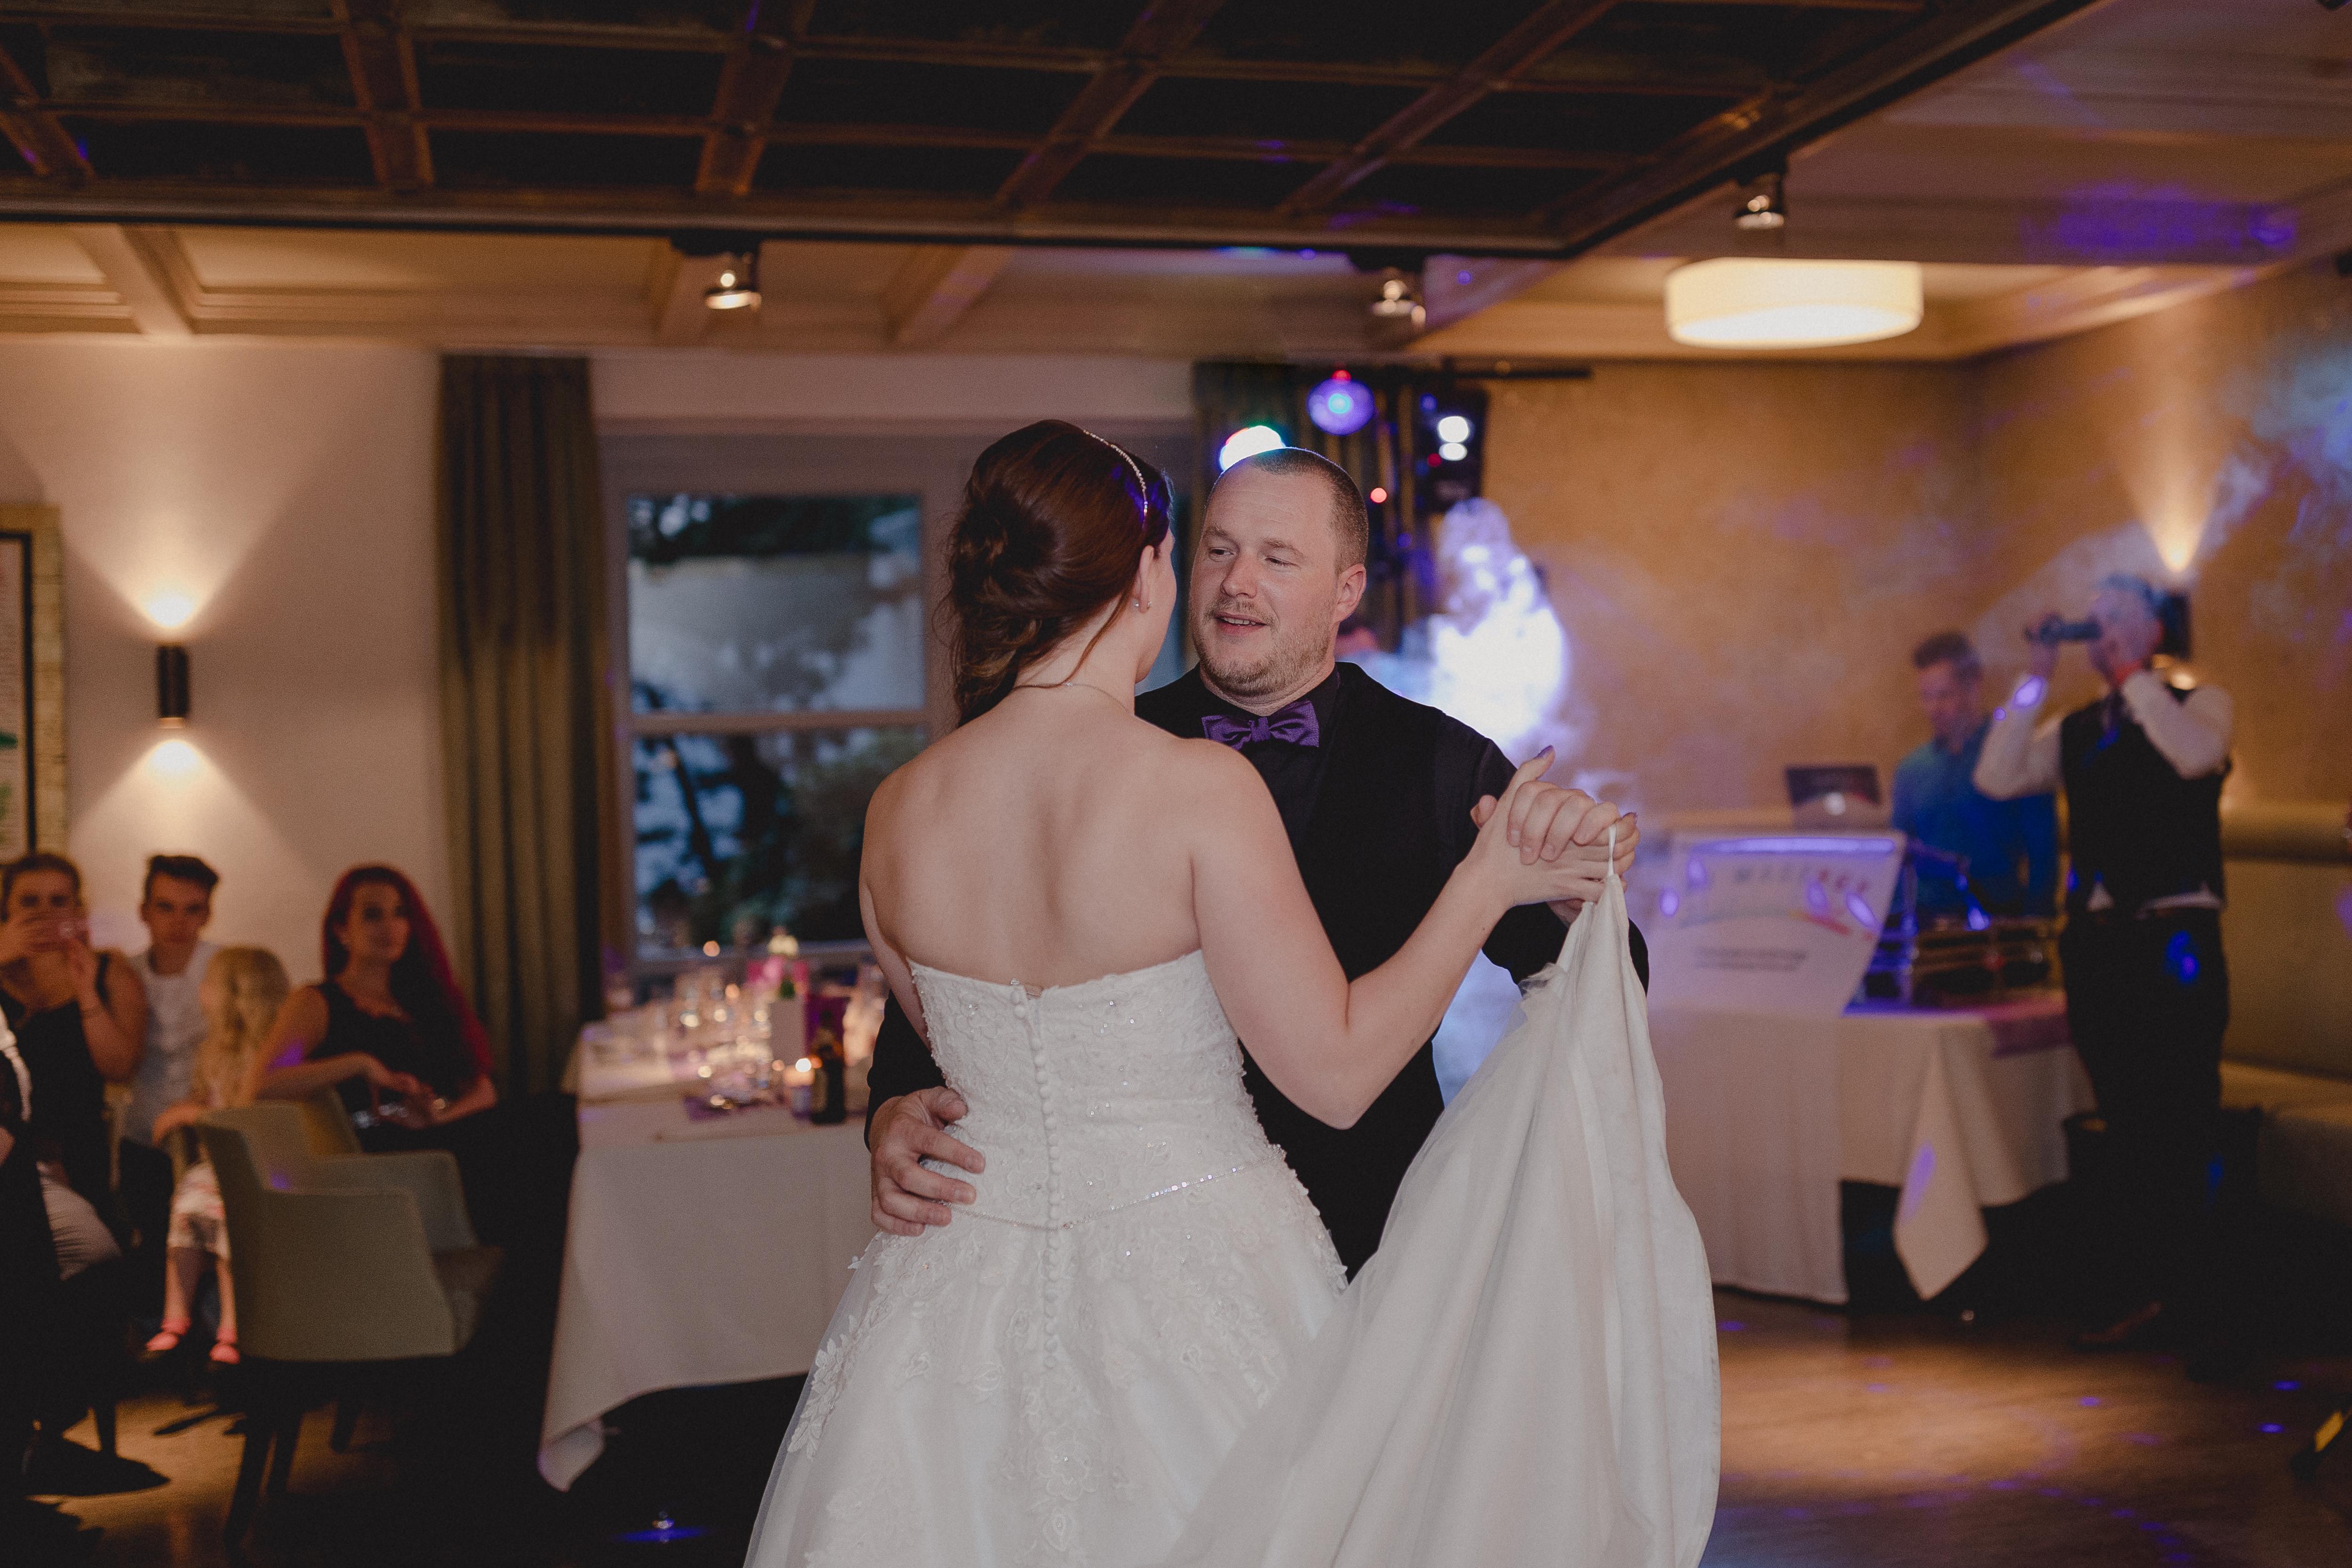 URBANERIE_Daniela_Goth_Vintage_Hochzeitsfotografin_Nuernberg_Fuerth_Erlangen_180519_1335